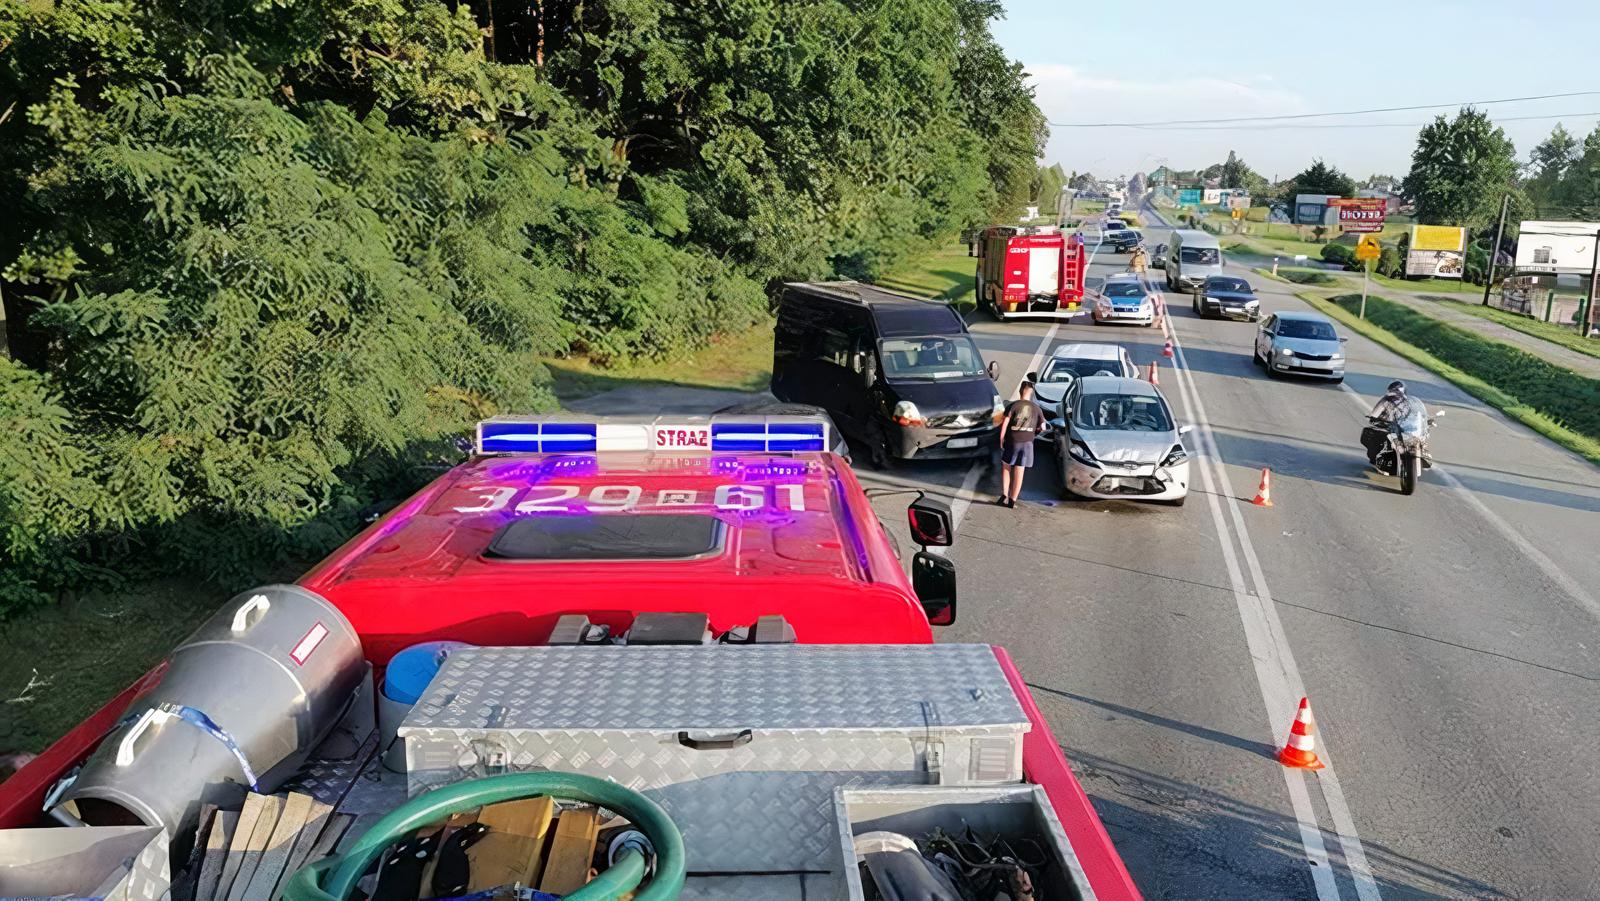 Po wypadku na DK9 ranni mieszkańcy powiatu kolbuszowskiego [AKTUALIZACJA] - Zdjęcie główne